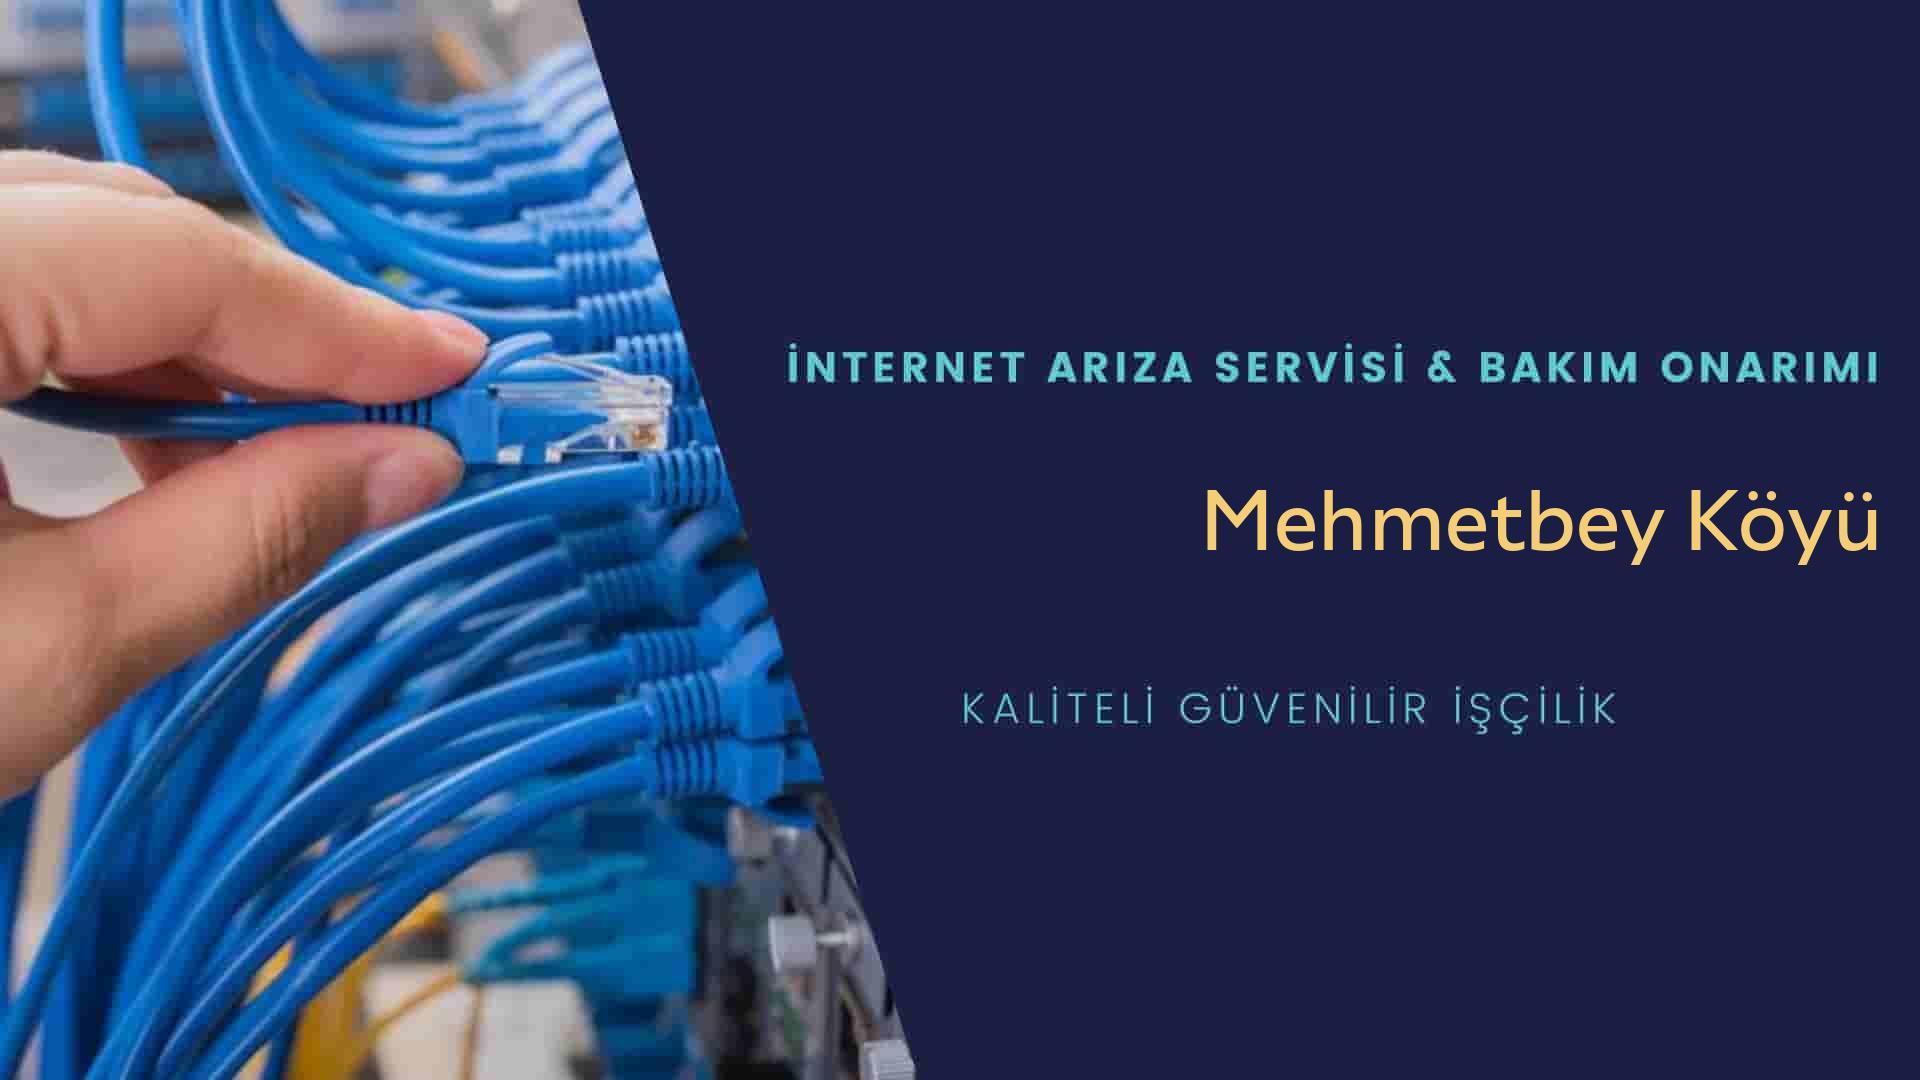 Mehmetbey Köyü internet kablosu çekimi yapan yerler veya elektrikçiler mi? arıyorsunuz doğru yerdesiniz o zaman sizlere 7/24 yardımcı olacak profesyonel ustalarımız bir telefon kadar yakındır size.